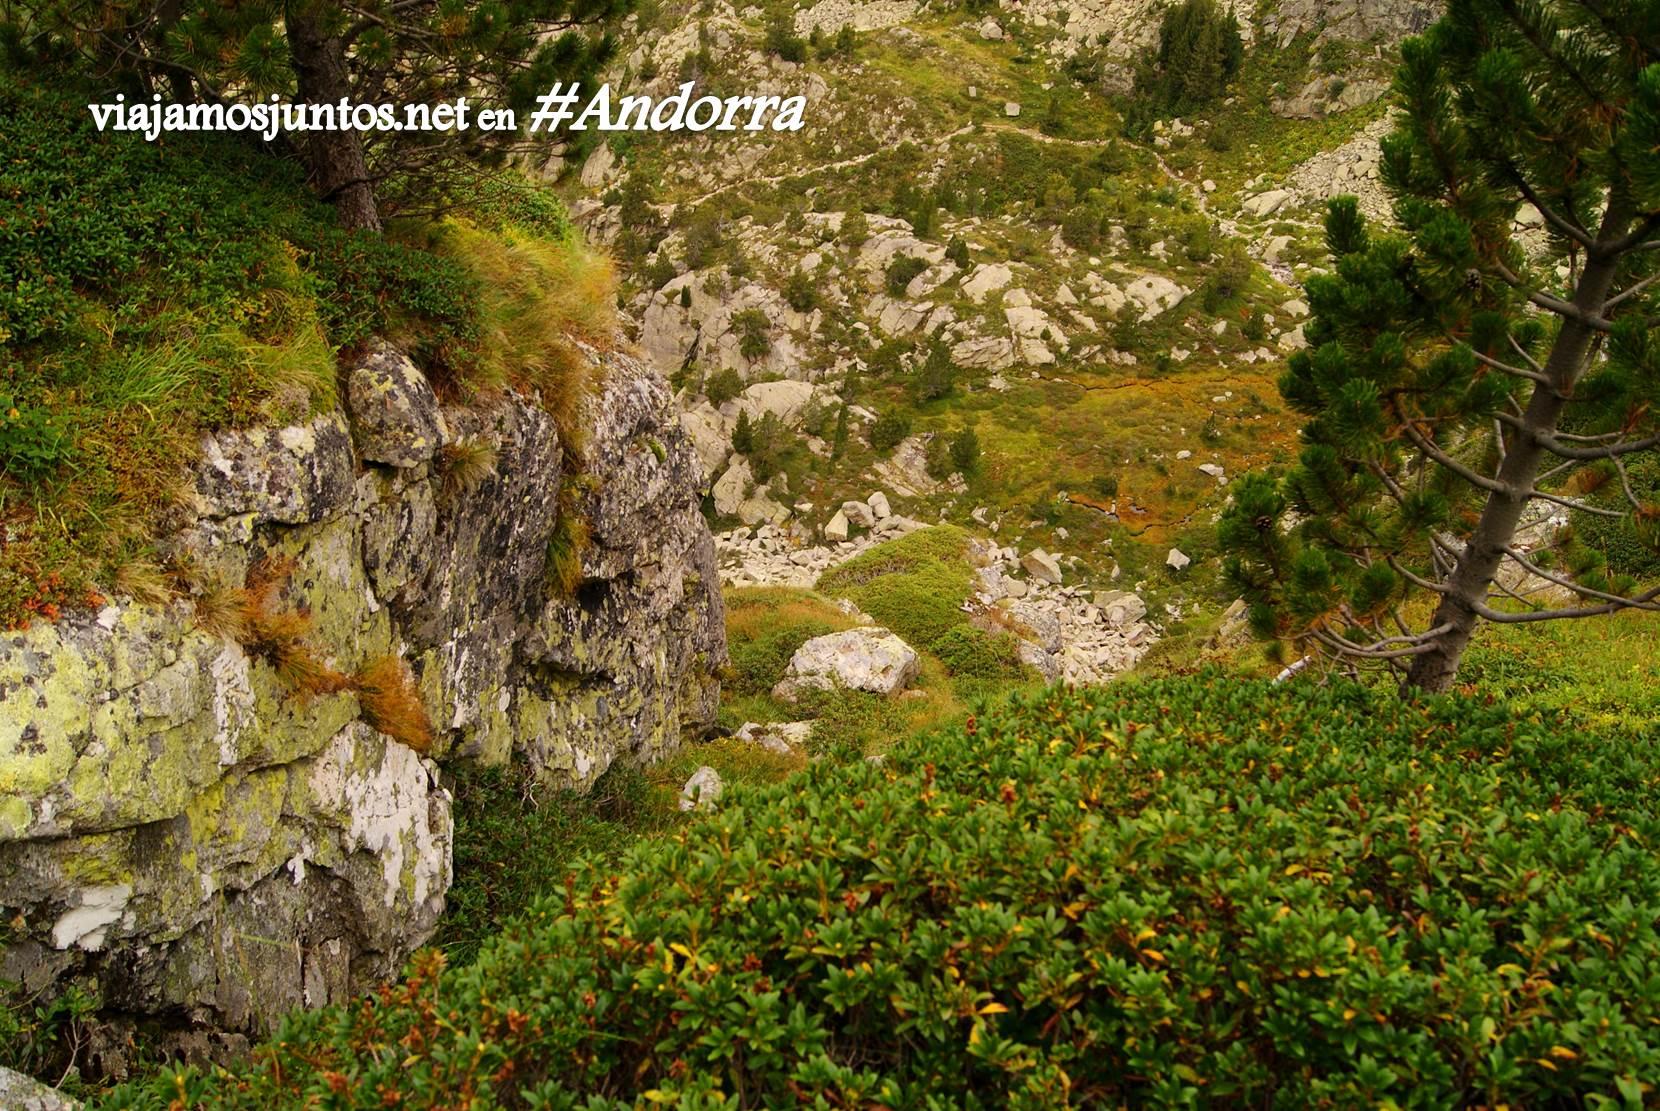 Pendientes empinados del GRP de Andorra